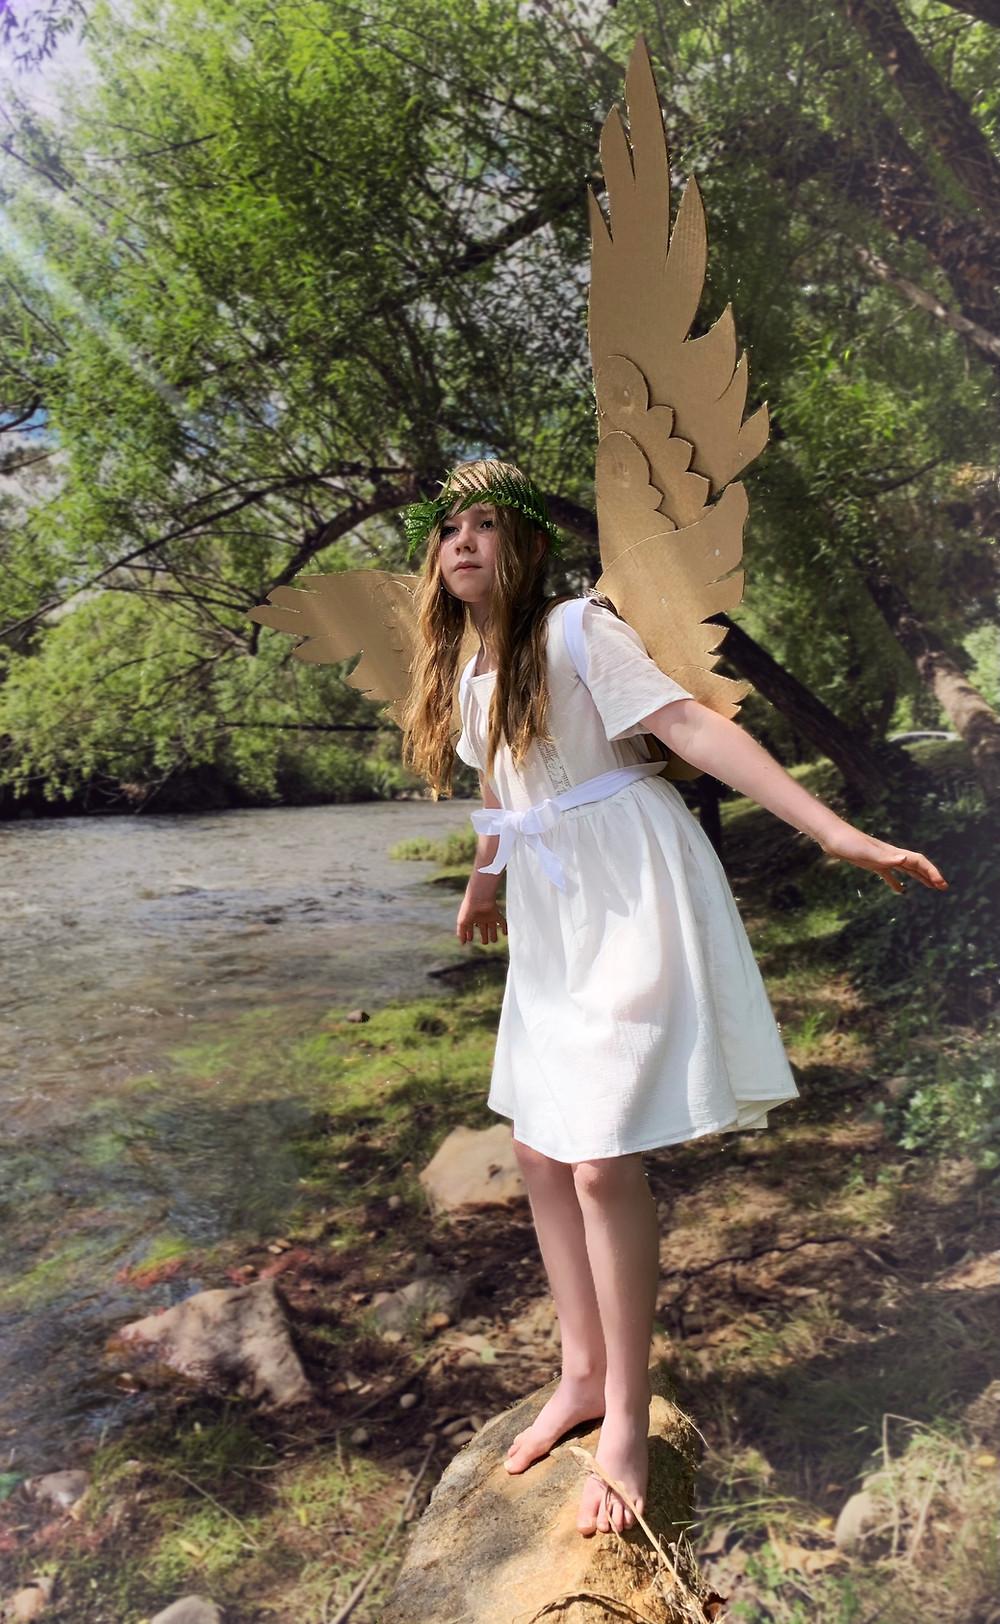 DIY cardboard articulating fairy or angel wings